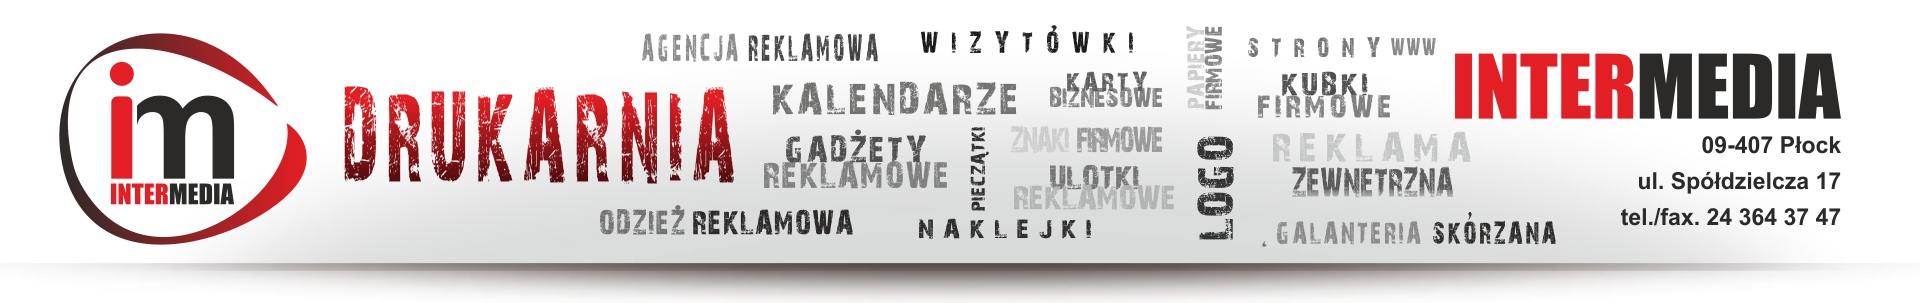 Kalendarze dla firm. InterMedia Płock ul. Piłsudskiego 17